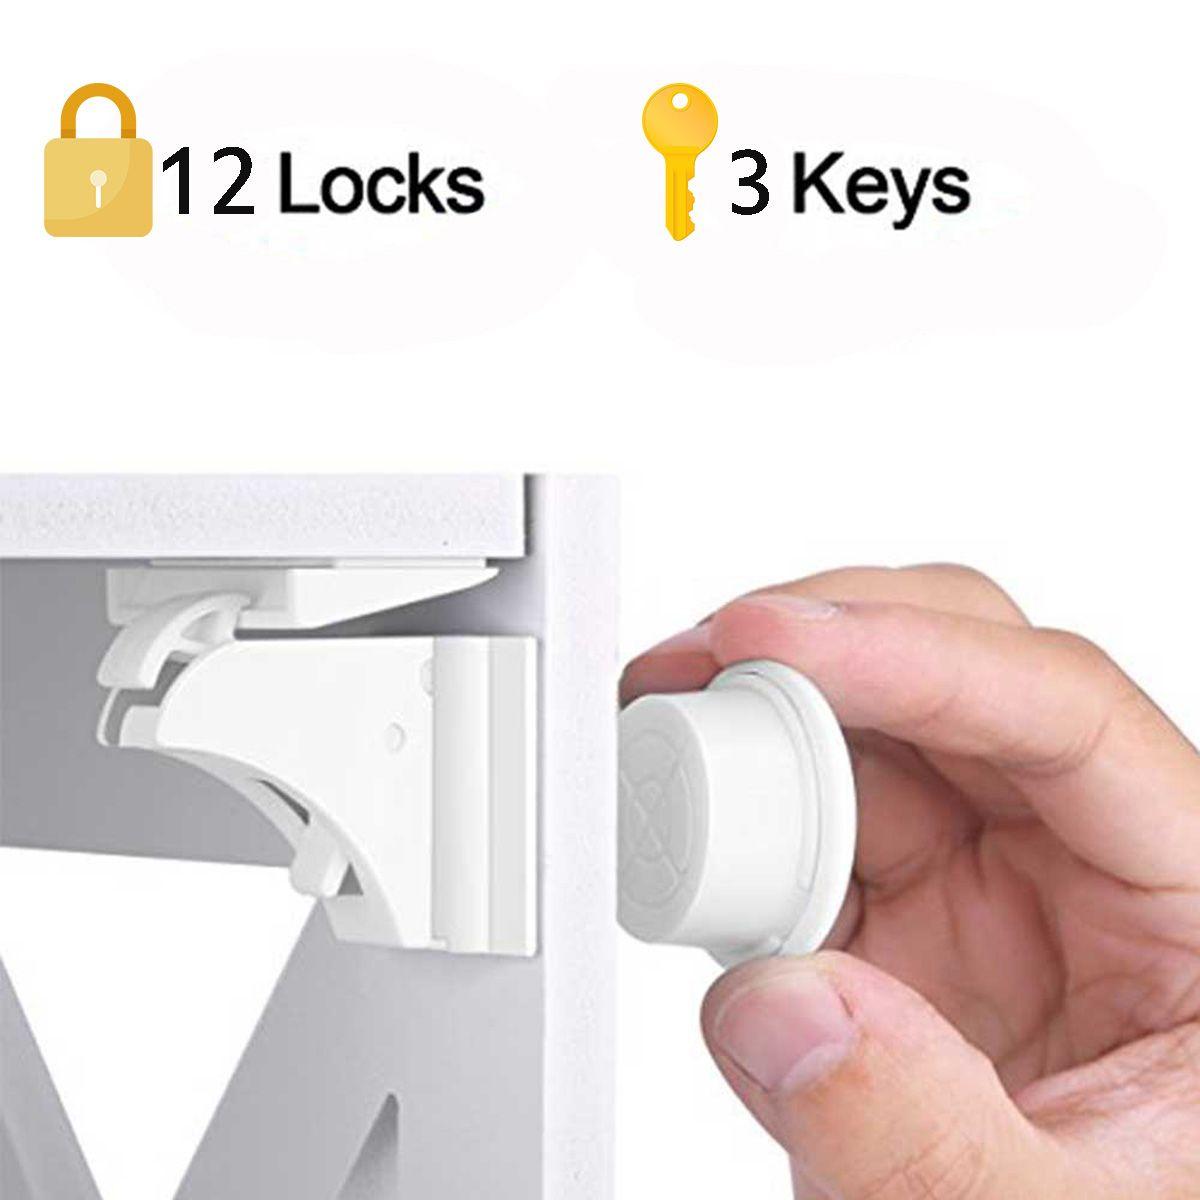 12 serrures + 3 clés magnétiques enfants serrure 15 en 1 bébé sécurité bébé Protection armoire porte serrure enfants tiroir casier Invisible serrures